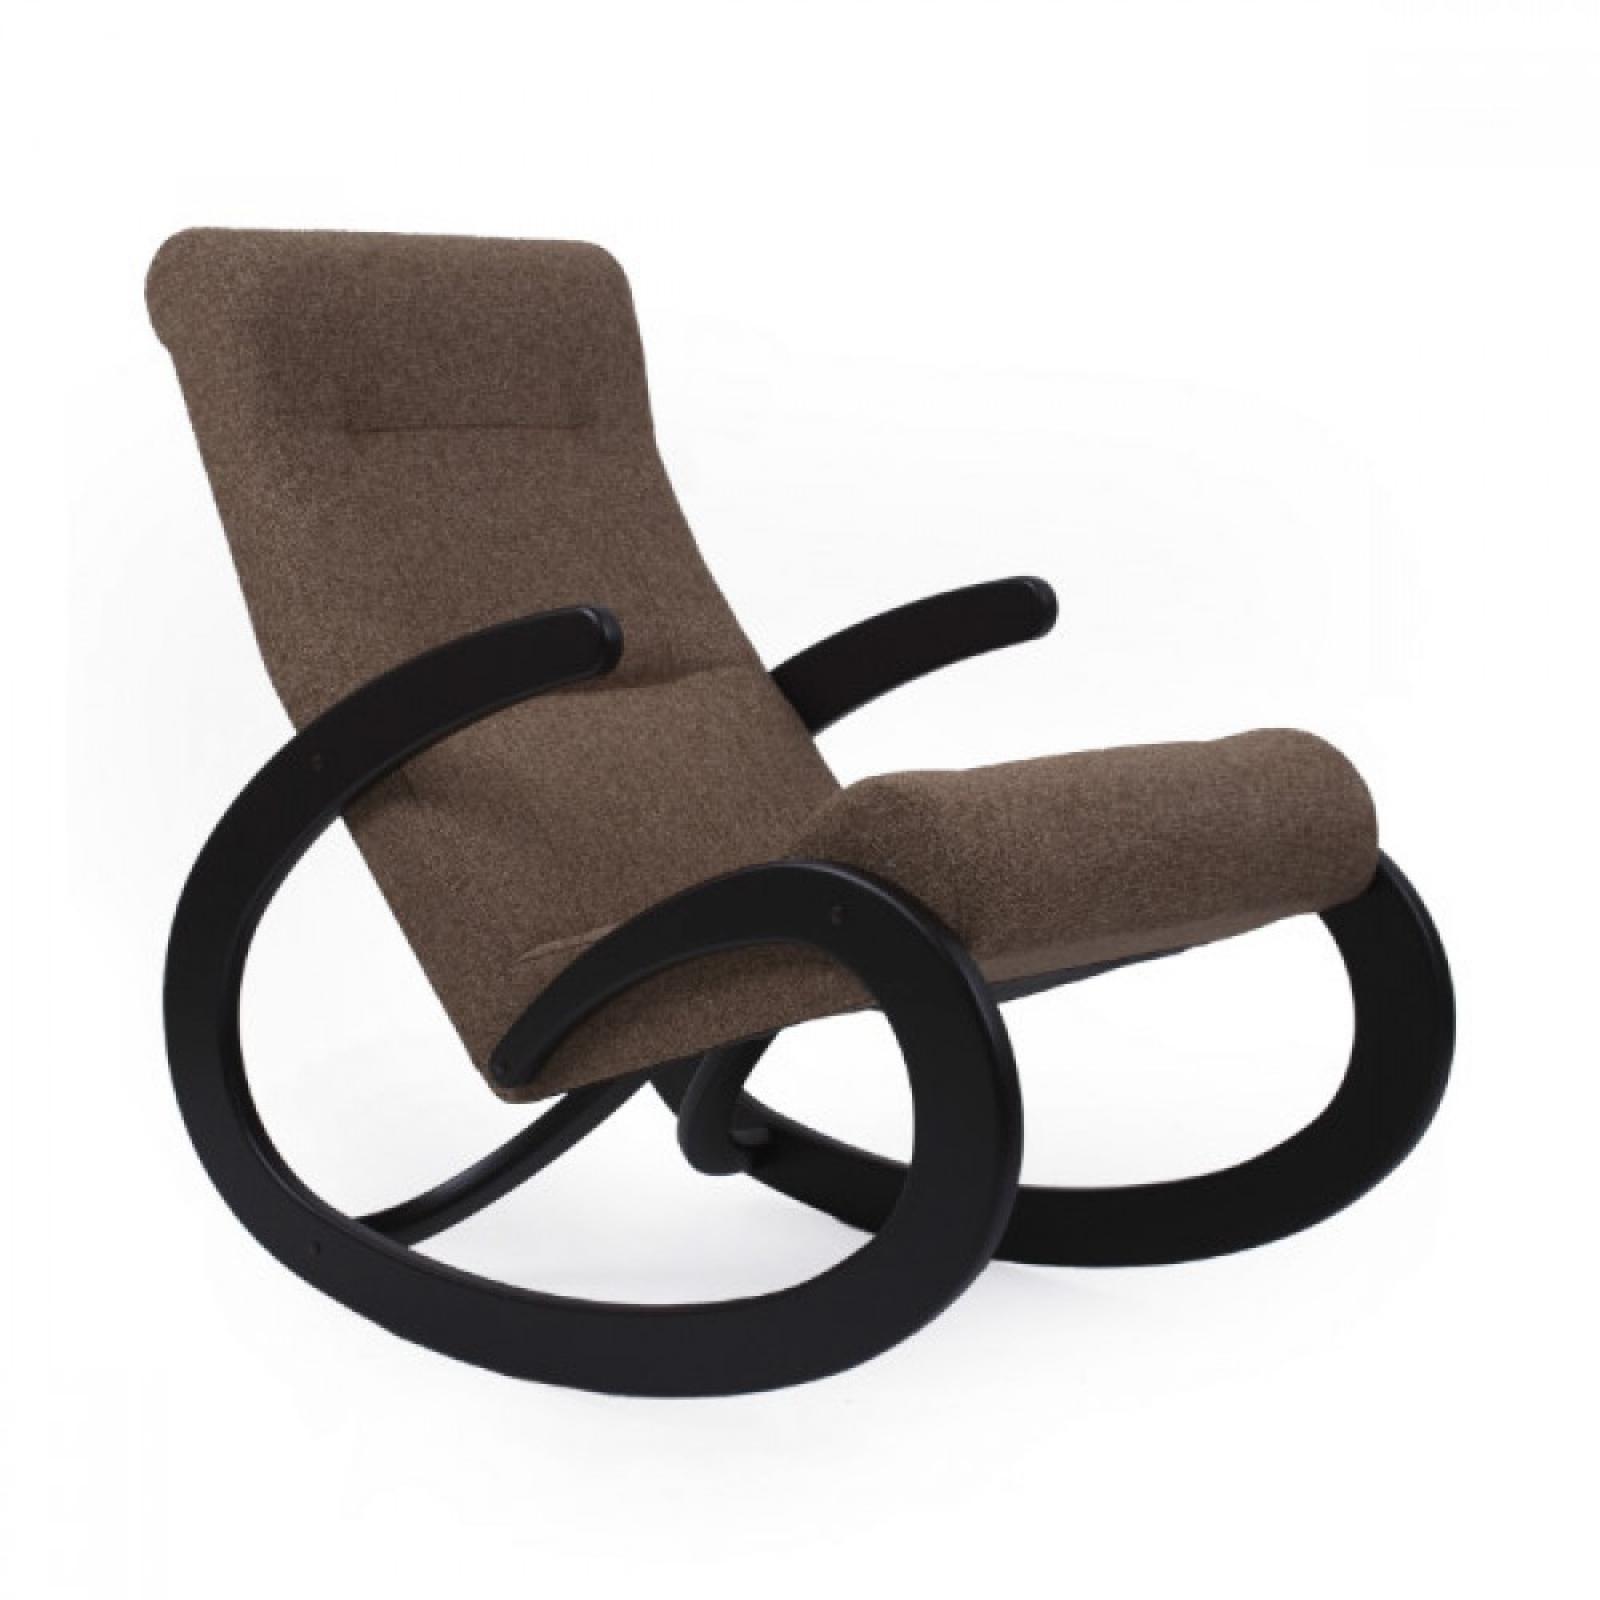 Кресло-качалка, Модель 1 Венге/Мальта 15 - 1